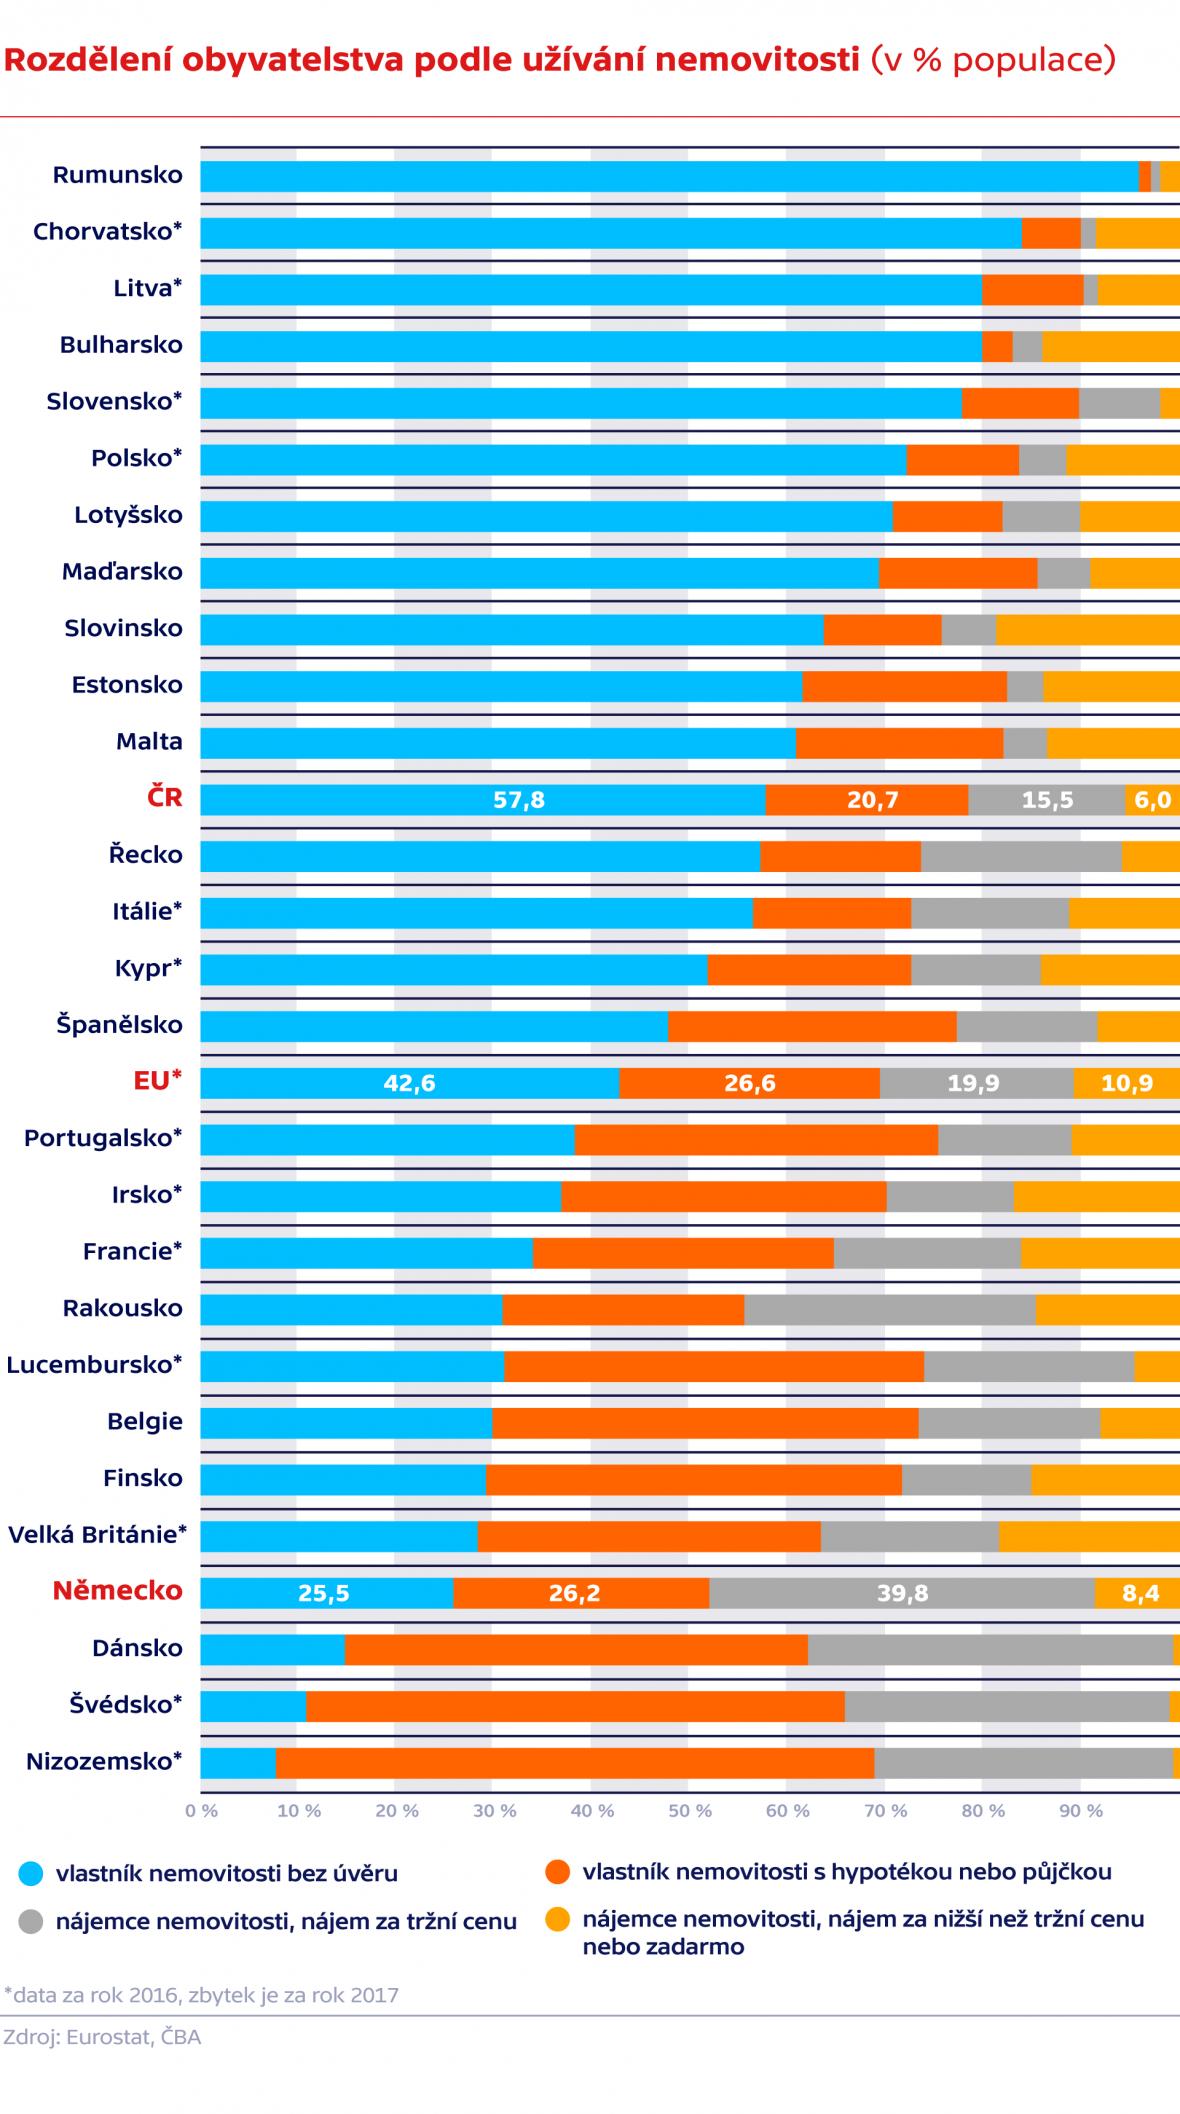 Rozdělení obyvatelstva podle užívání nemovitosti (v % populace)